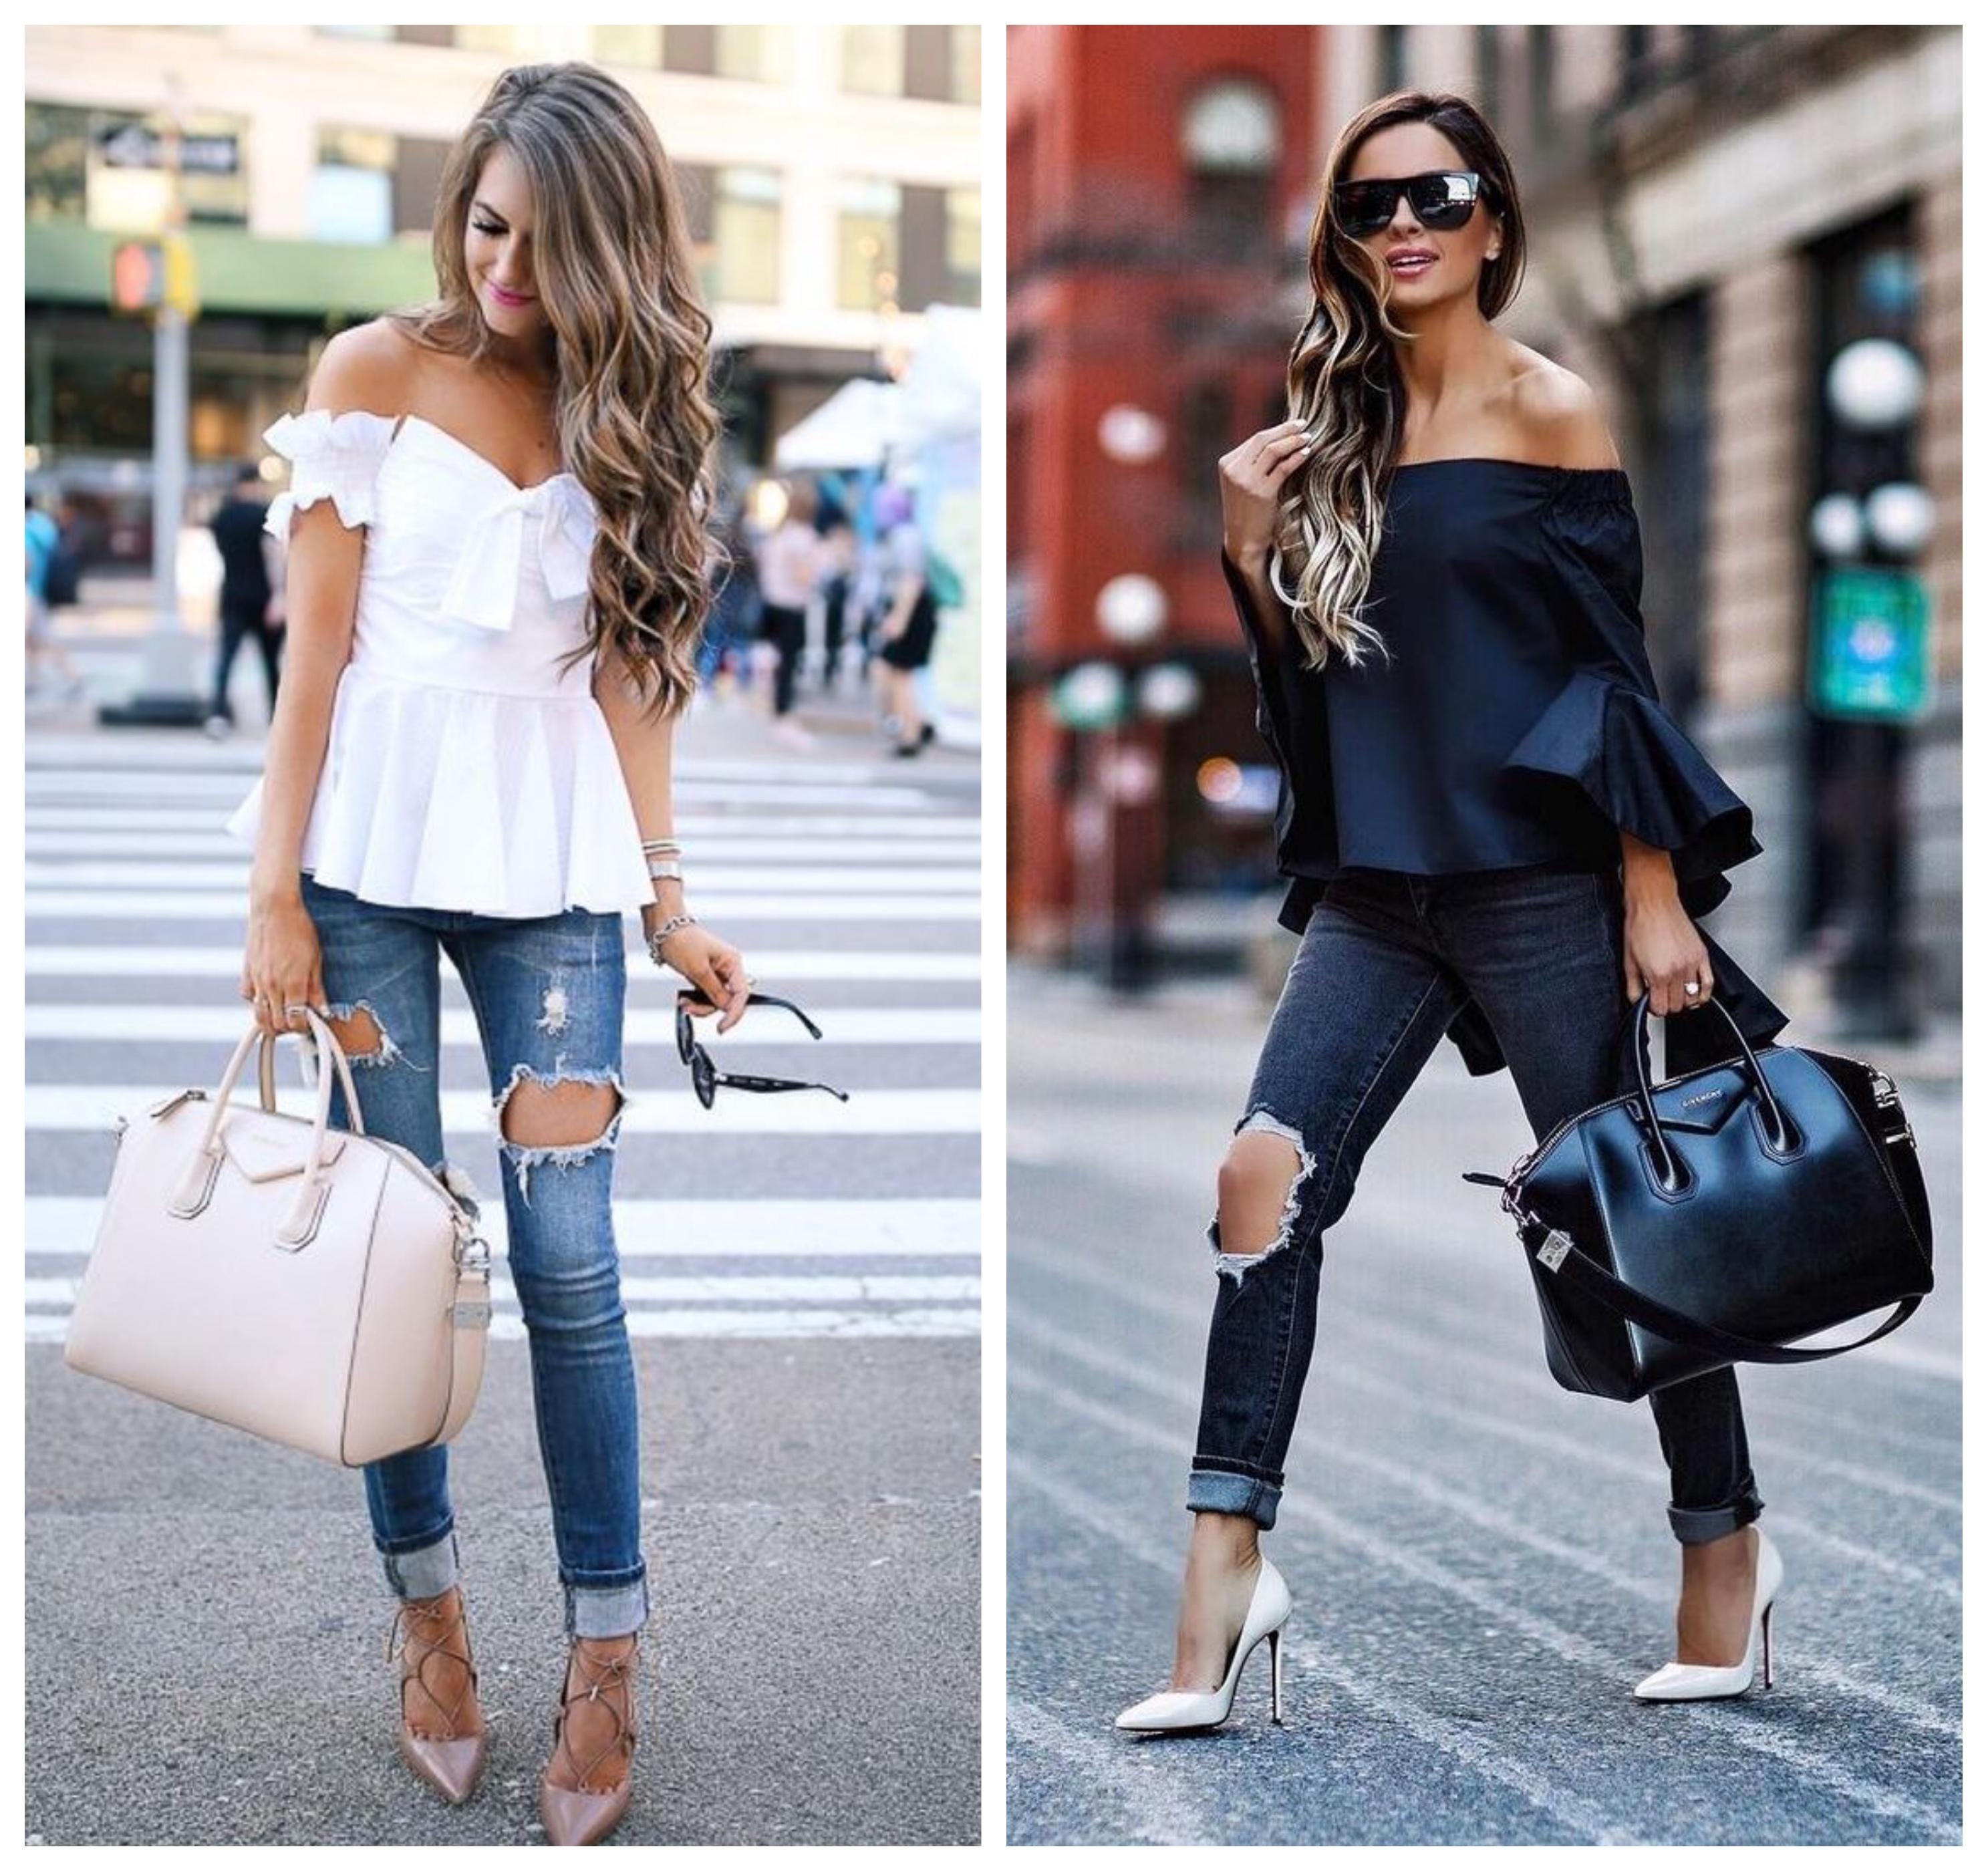 Рваные джинсы - стильный лук